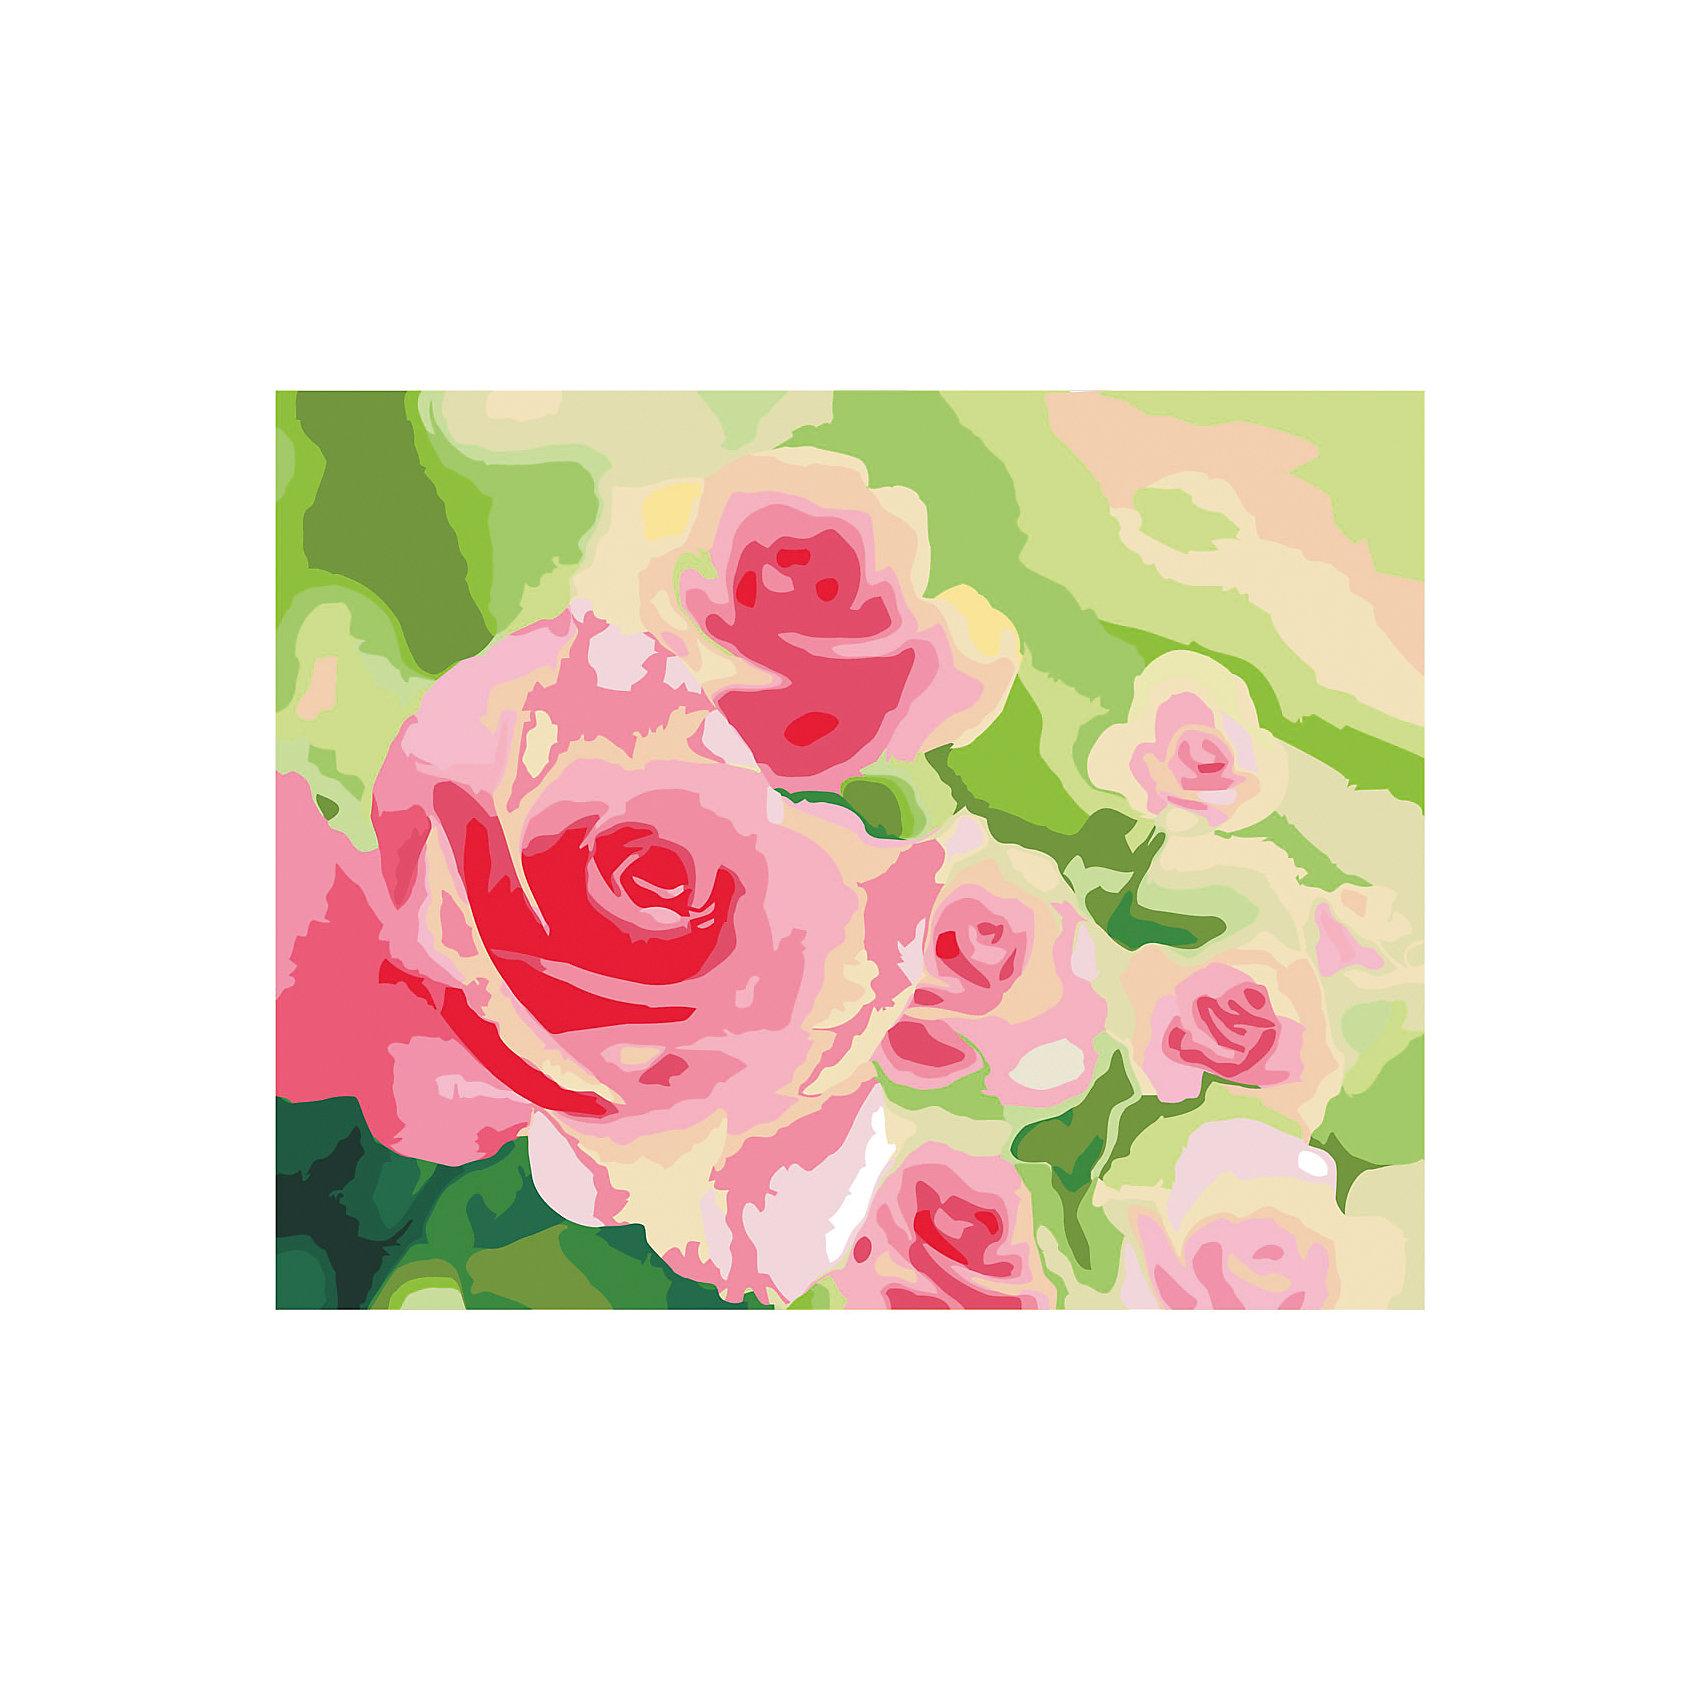 Роспись холста по номерам Розы в садуРисование<br>С этим замечательным набором создать прекрасную картину сможет любой человек от 7 до 99 лет, даже если он никогда раньше не ощущал себя художником. Нужно раскрасить пронумерованные фрагменты рисунка пронумерованными красками, которые ровно ложатся на холст и хорошо закрашивают контуры. А если вдруг появится ошибка, то исправить ее поможет контрольная схема рисунка. Раскрашивание холста увлекательно и для детей, и для взрослых. А получившаяся картина станет эффектным украшением интерьера. или же прекрасным подарком, сделанным своими руками. <br><br>Дополнительная информация:<br><br>- Комплектация: холст  с контурным рисунком, натянутый на деревянную рамку, акриловые краски (23 цвета), 3 кисточки (2 тонкие, 1 широкая), крепежные петли для подвешивания холста, контрольная схема рисунка. <br>- Размер холста: 40х50 см.<br>- Материал: акриловые краски, дерево, пластик, бумага. <br><br>Роспись холста по номерам Розы в саду можно купить в нашем магазине.<br><br>Ширина мм: 405<br>Глубина мм: 505<br>Высота мм: 15<br>Вес г: 479<br>Возраст от месяцев: 84<br>Возраст до месяцев: 2147483647<br>Пол: Унисекс<br>Возраст: Детский<br>SKU: 4768555